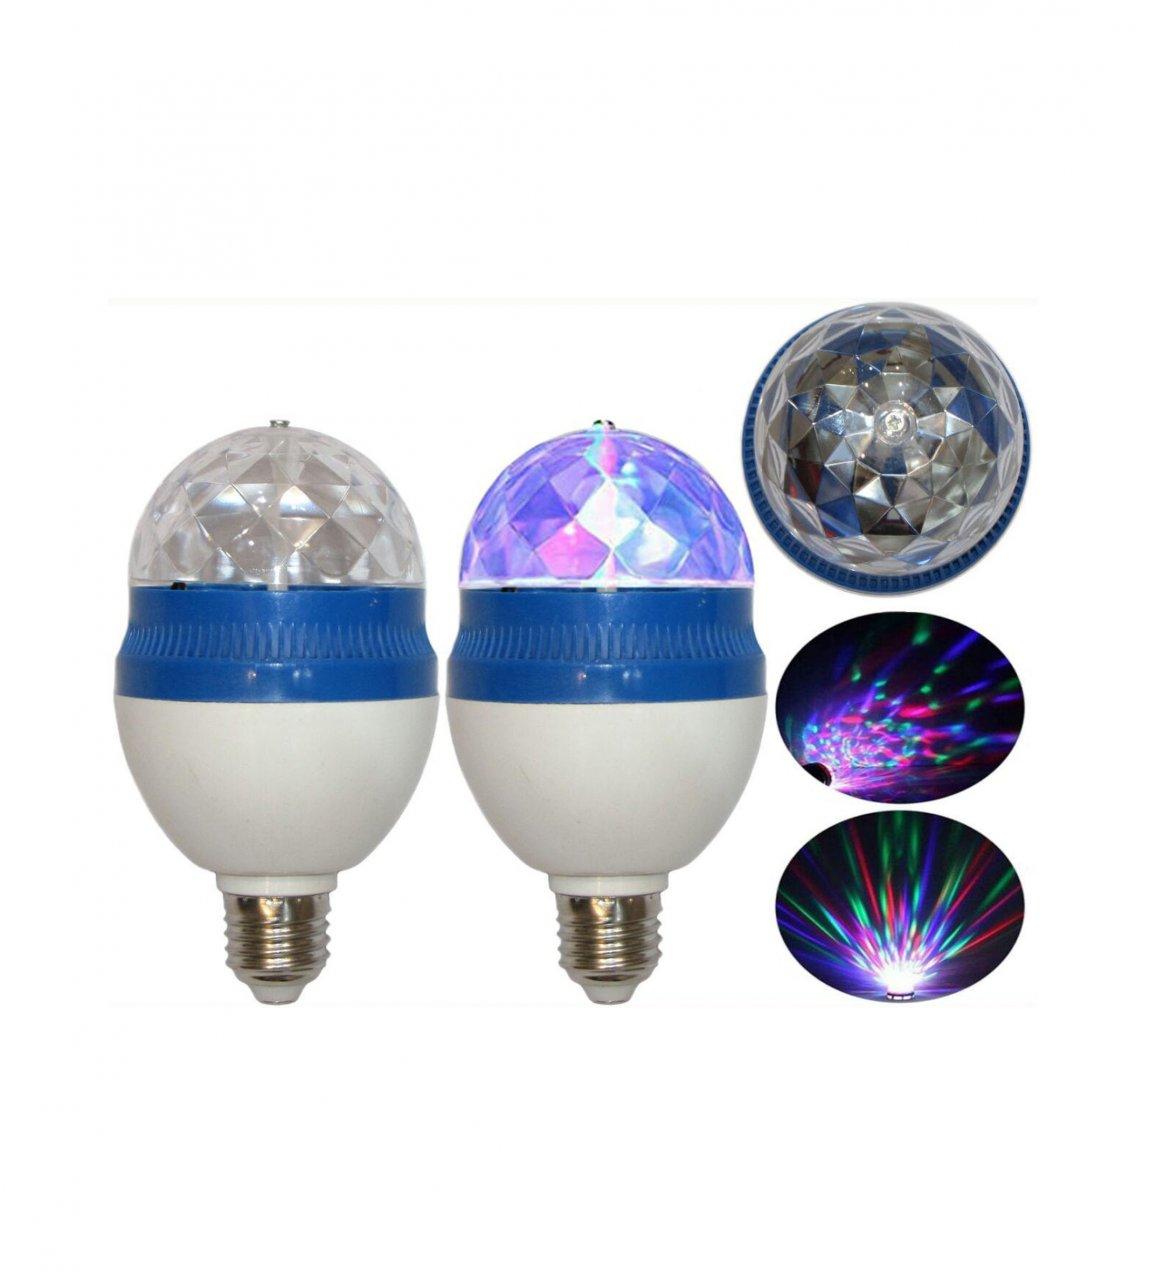 لامپ رقص نور گردان مدل AC85